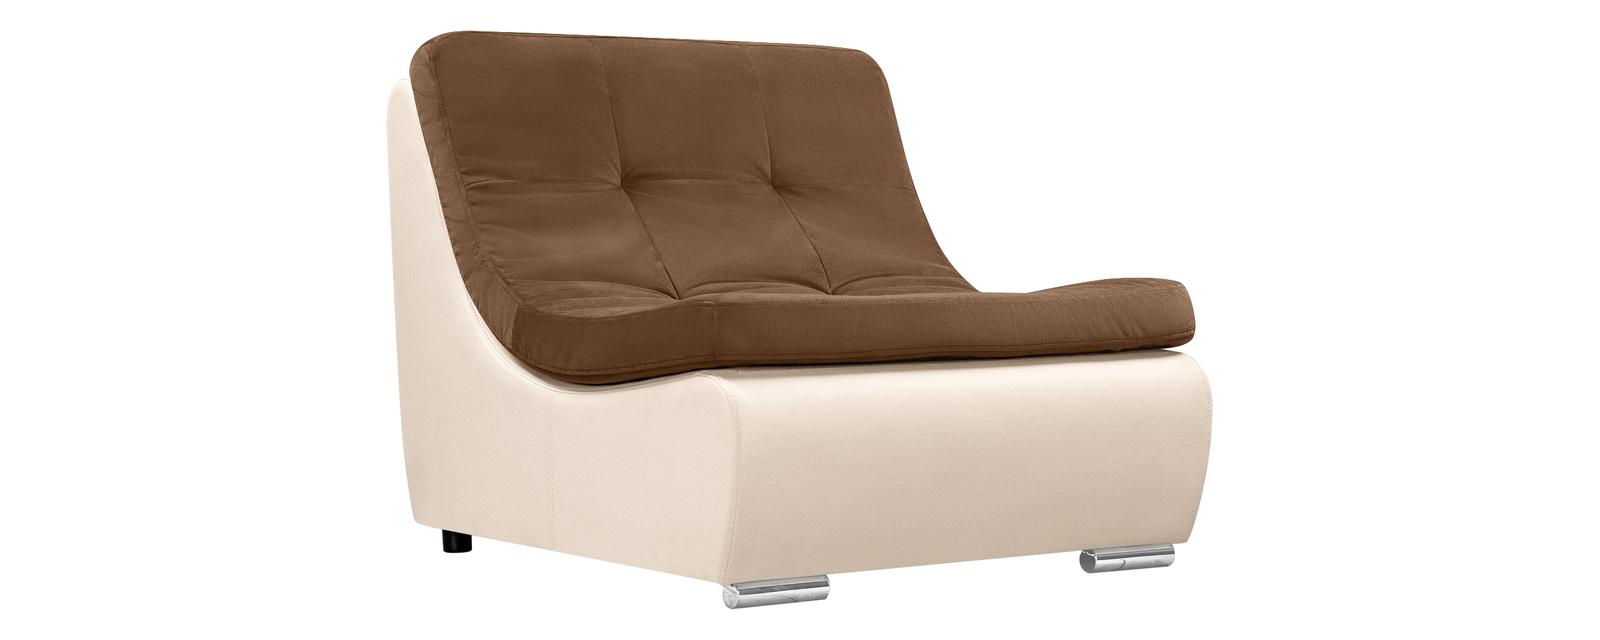 Кресло тканевое Лос-Анджелес Velure коричневый (Ткань + Экокожа)